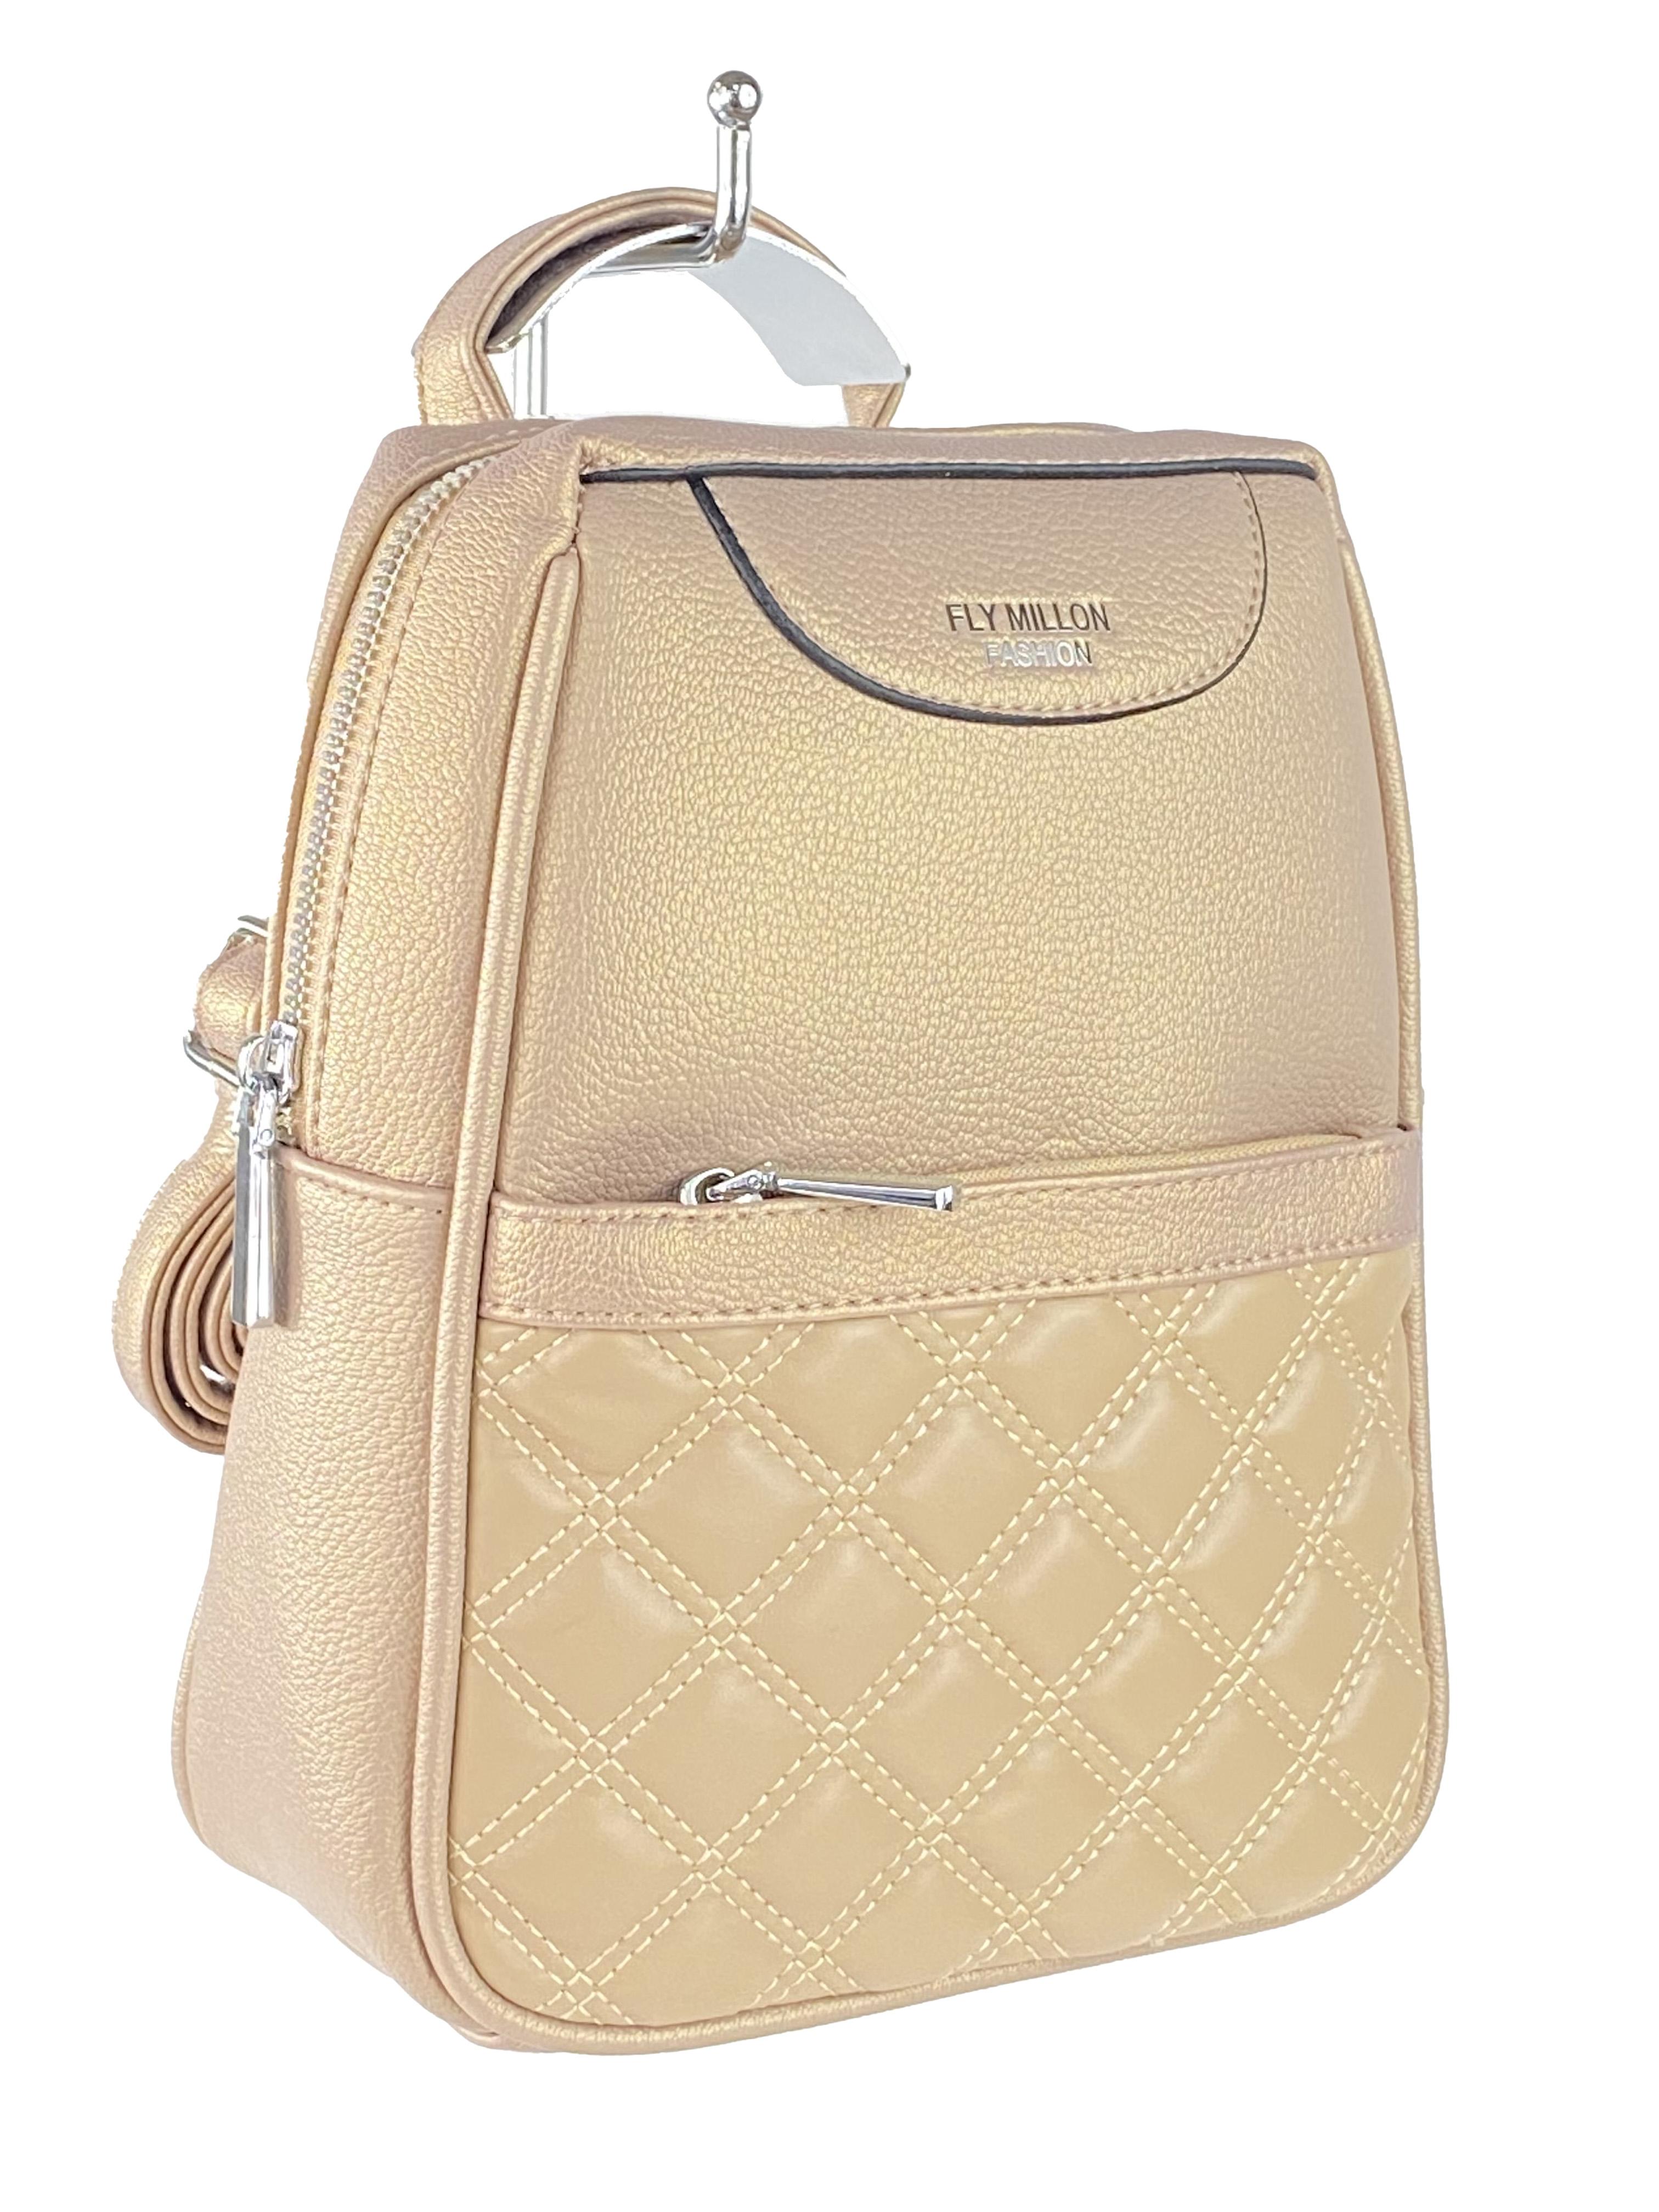 Женский рюкзачок-трансформер из искусственной кожи со стёжкой, цвет бронзовый